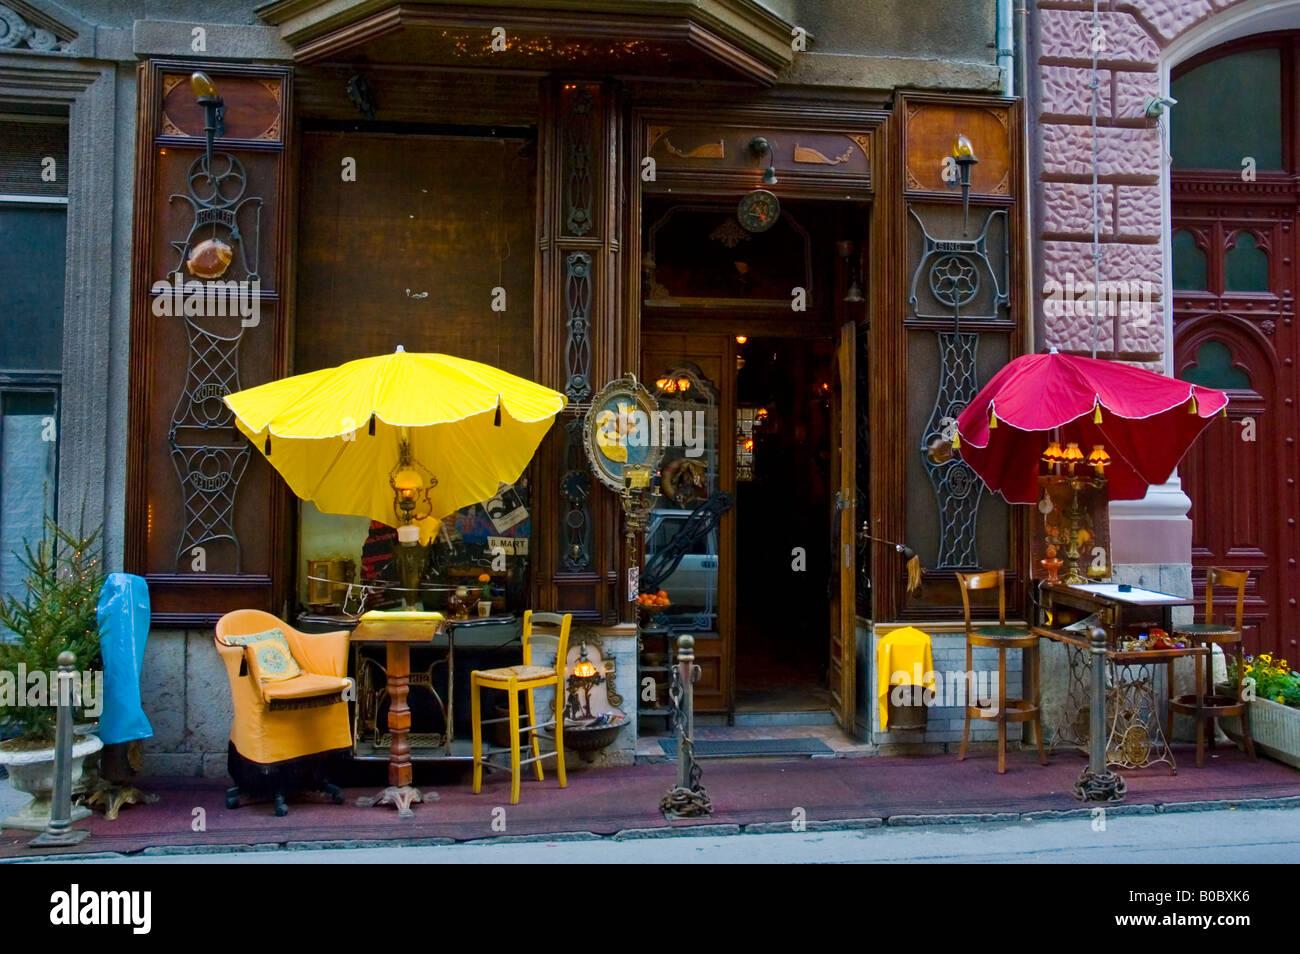 Zlatna Ribica bar in central Sarajevo Bosnia Hercegovina Europe - Stock Image